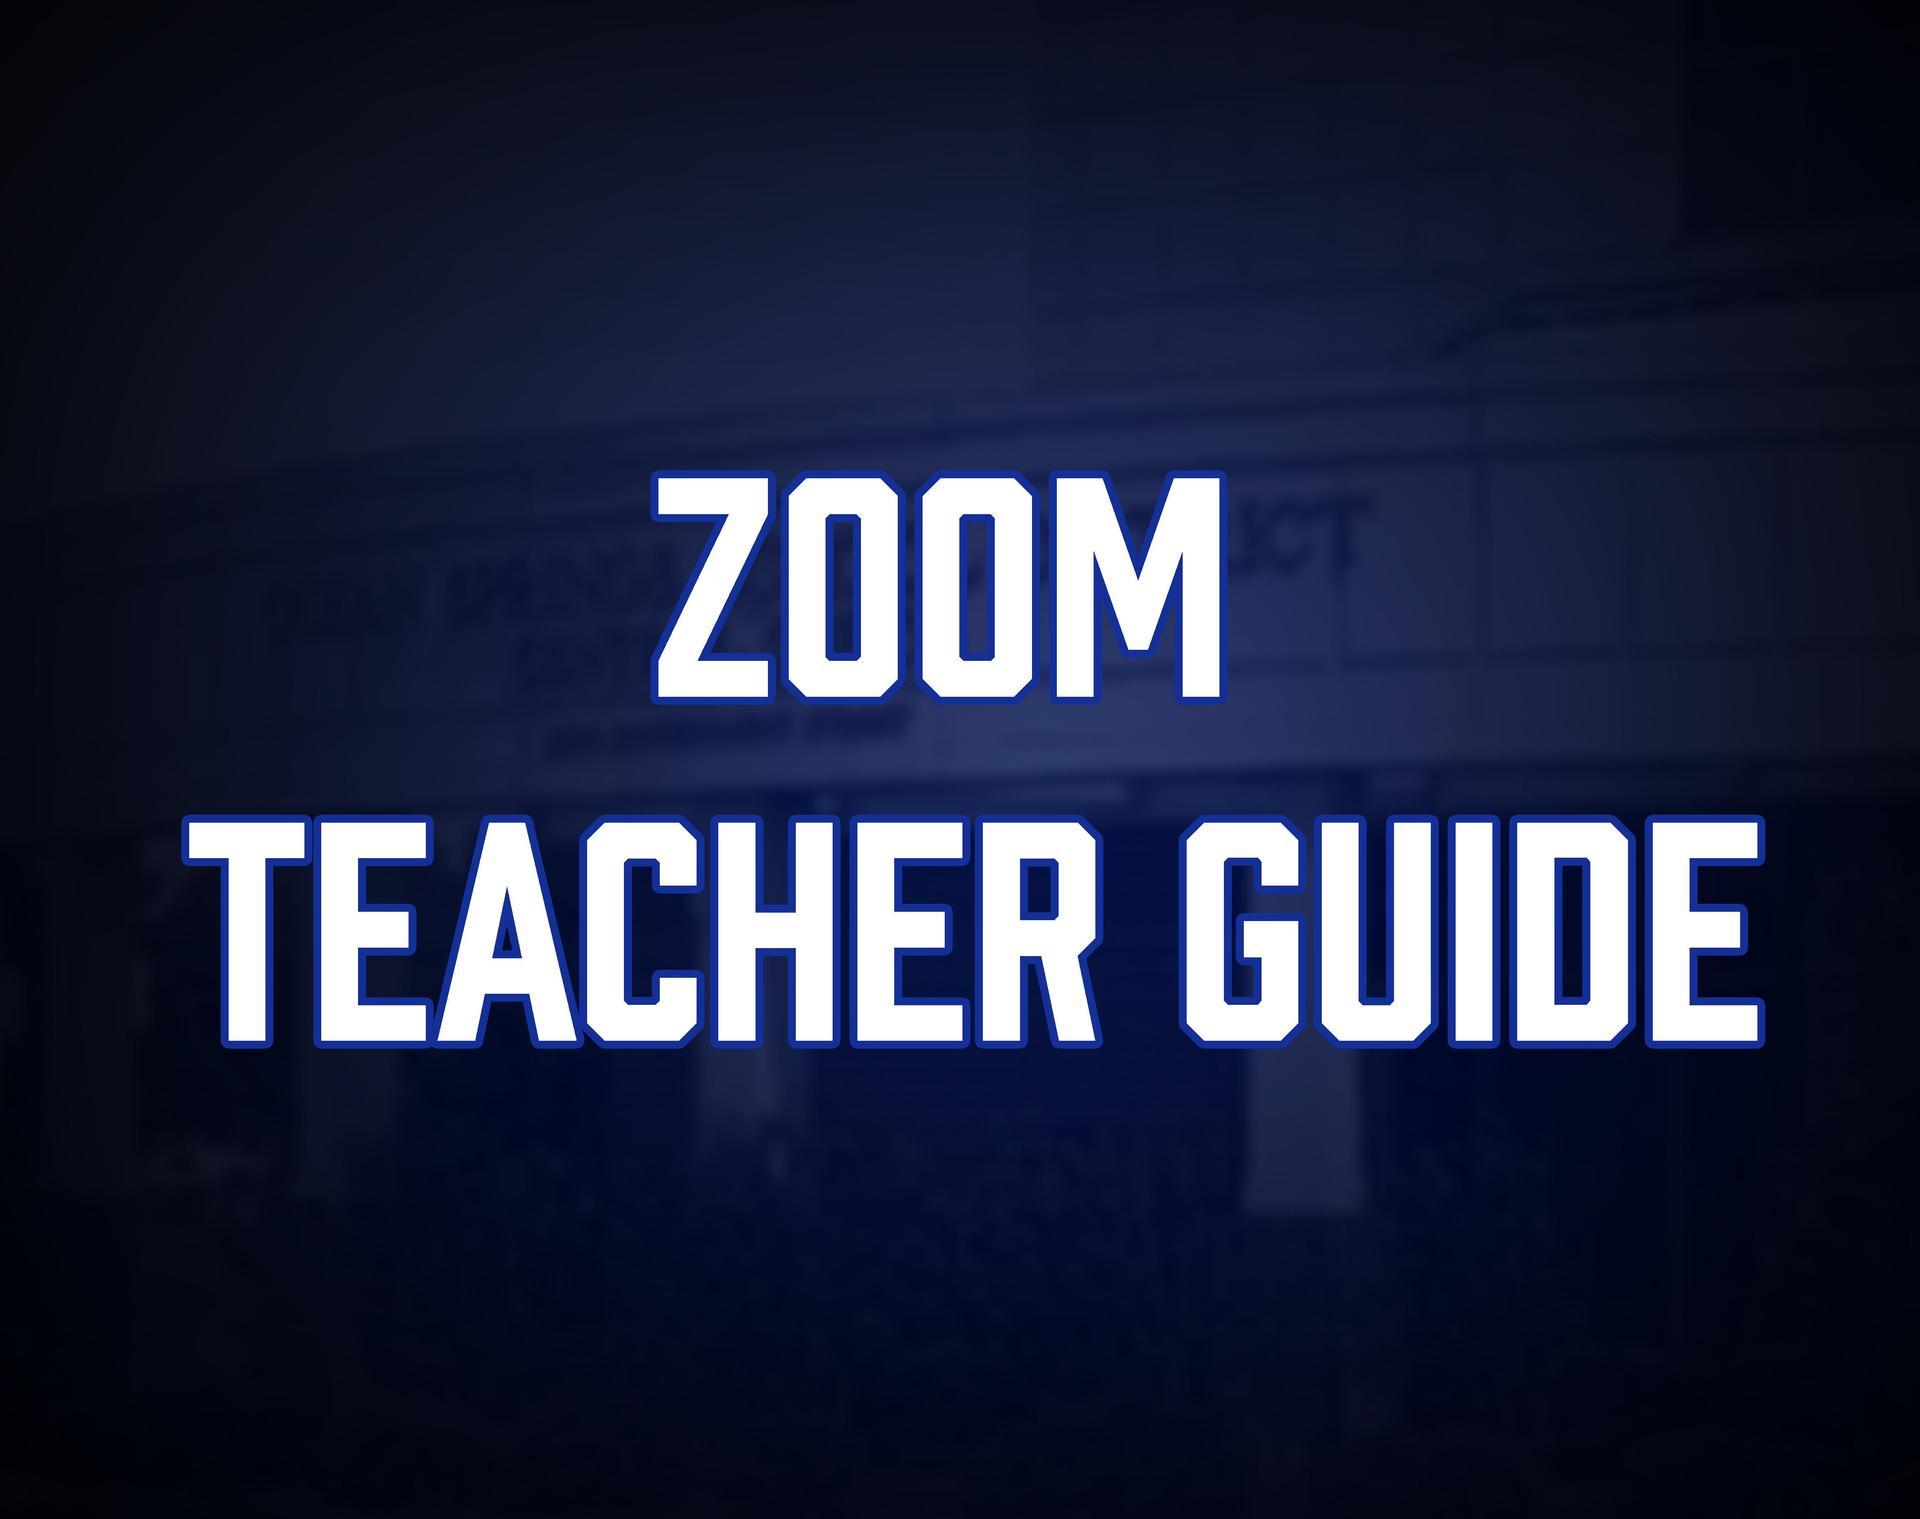 Zoom Teacher Guide